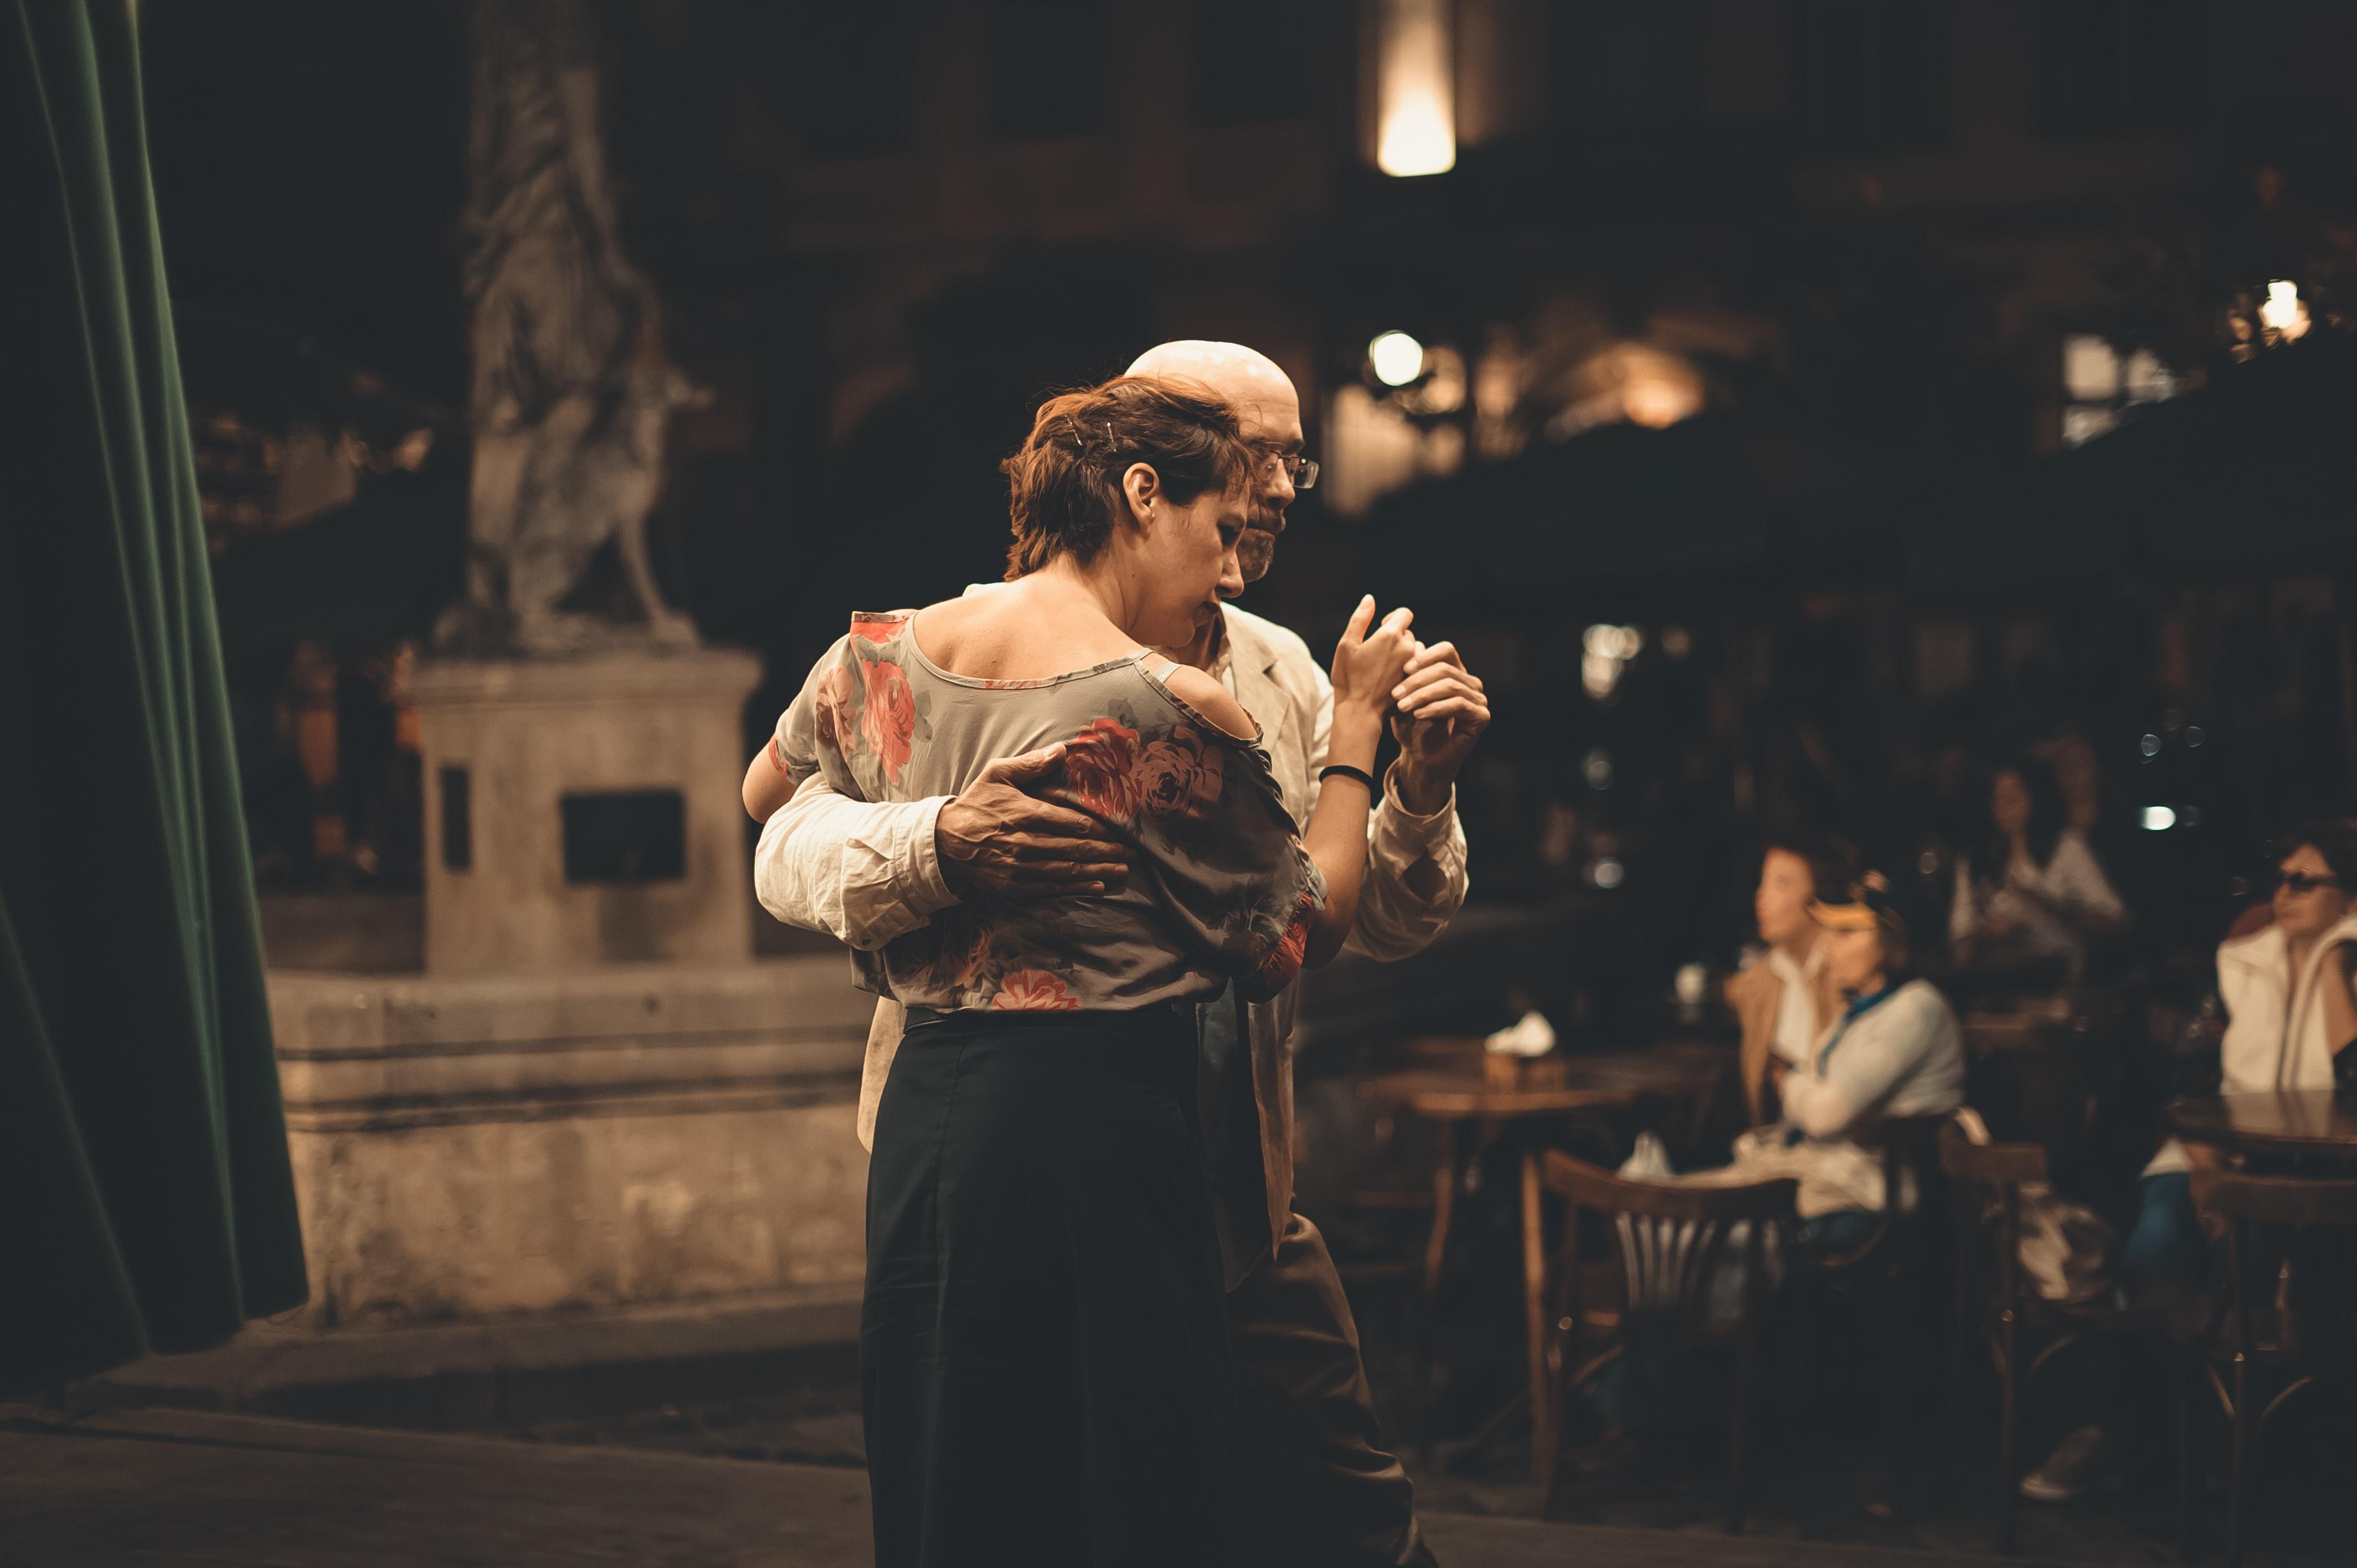 Le tango comme thérapie